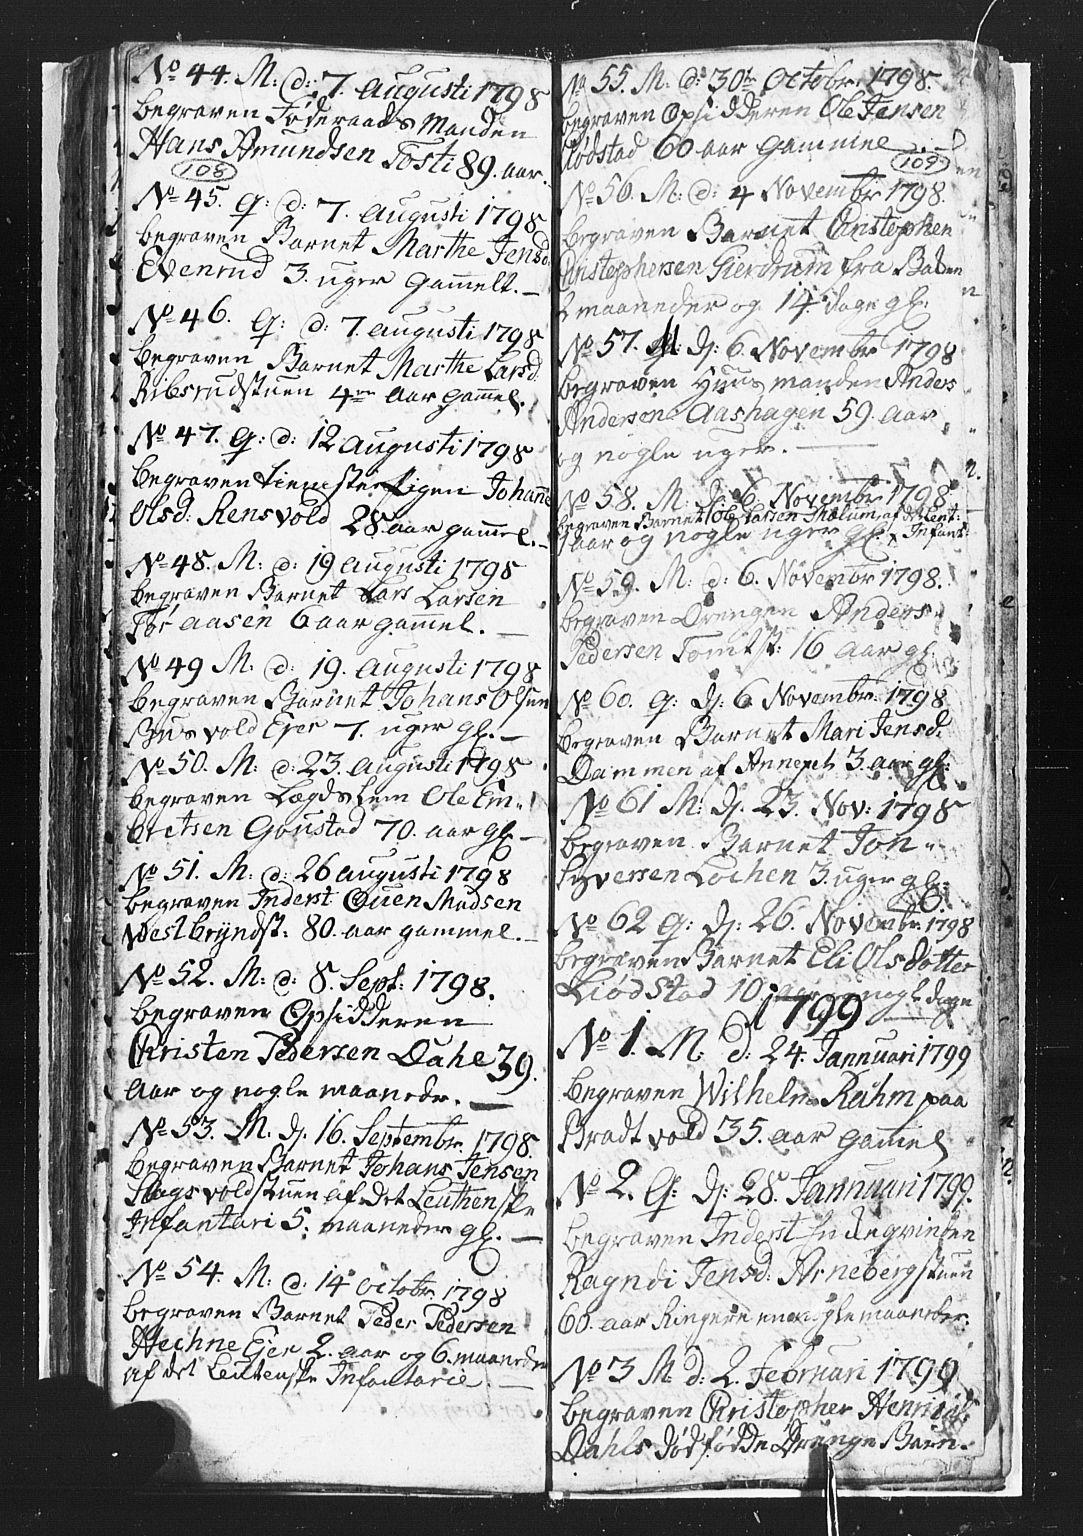 SAH, Romedal prestekontor, L/L0002: Klokkerbok nr. 2, 1795-1800, s. 108-109